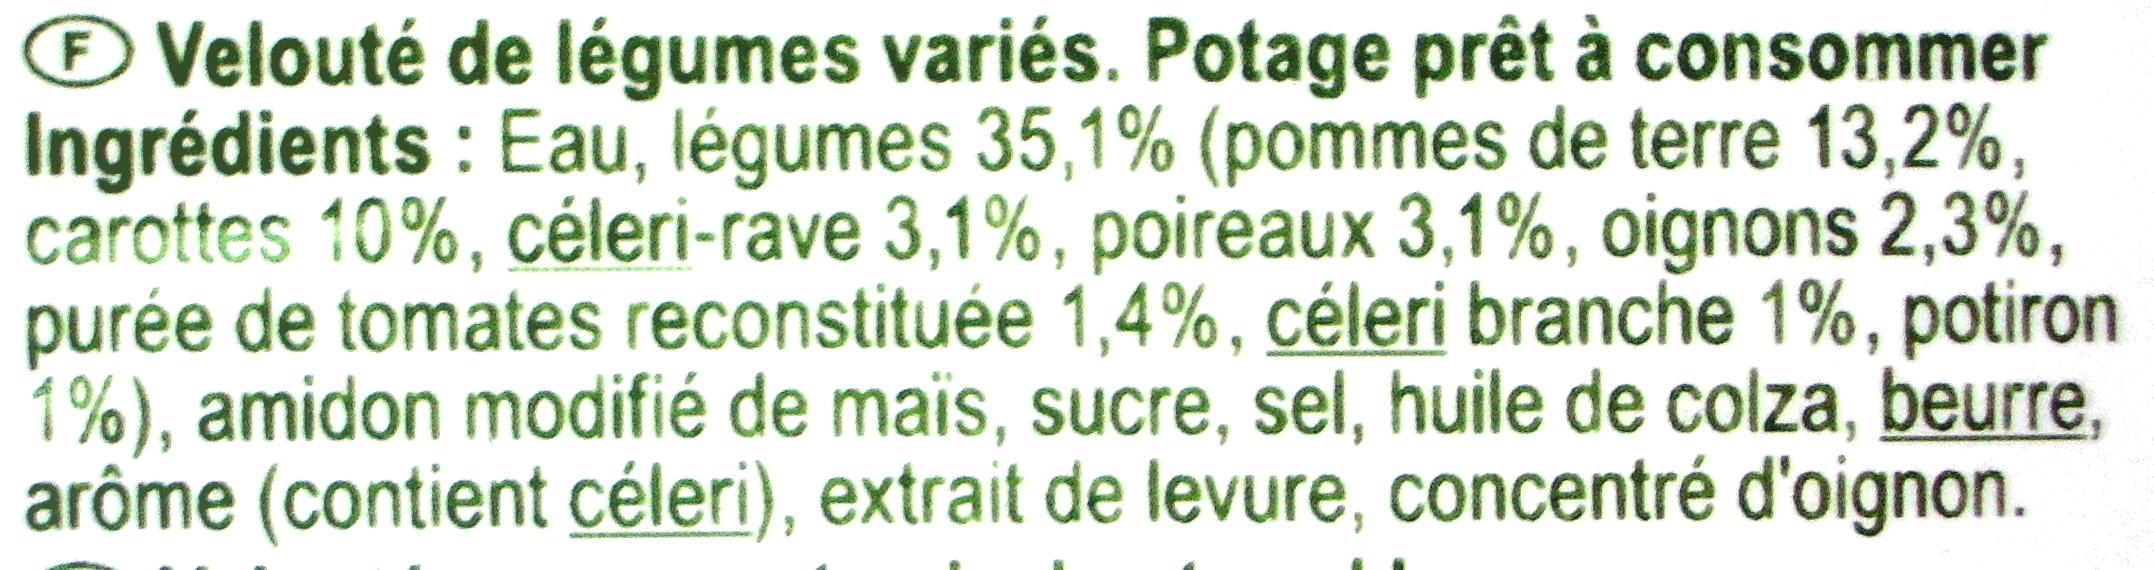 Velouté de légumes variés - Ingredienti - fr